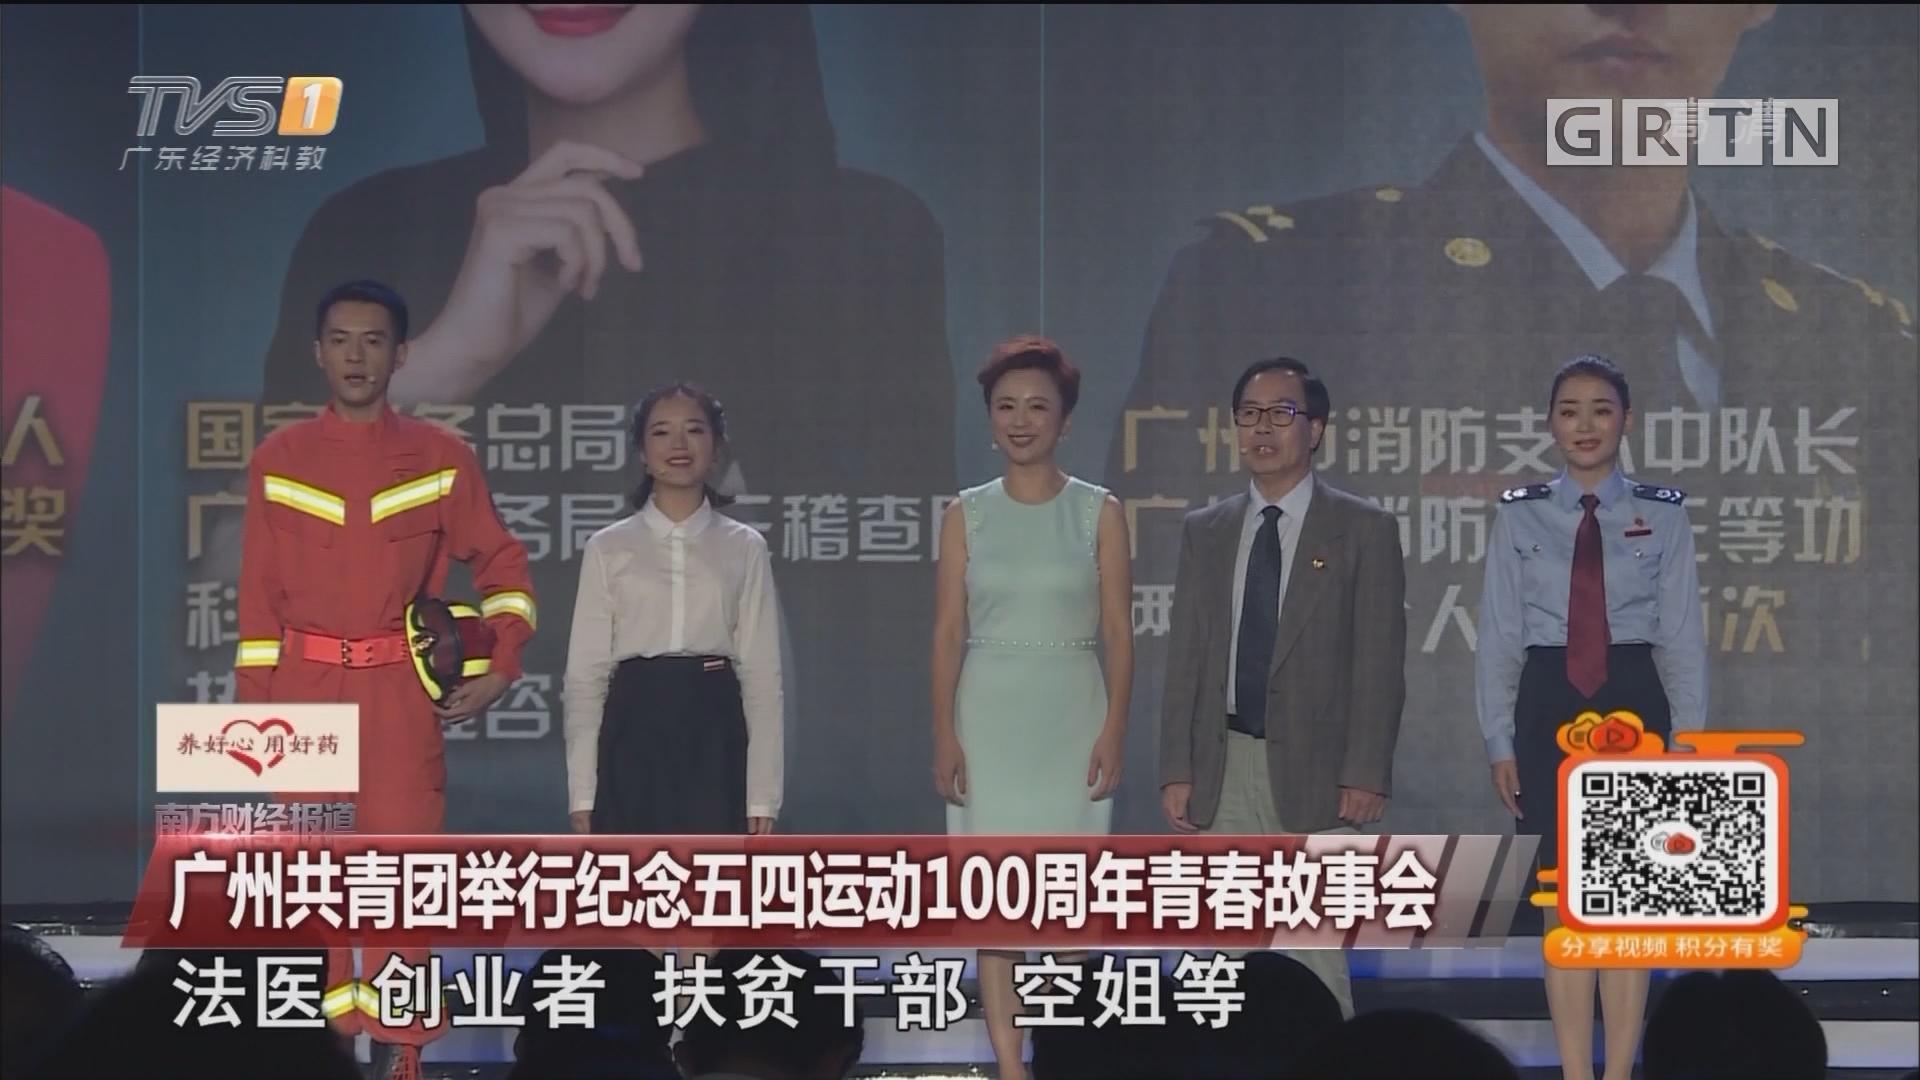 广州共青团举行纪念五四运动100周年青春故事会